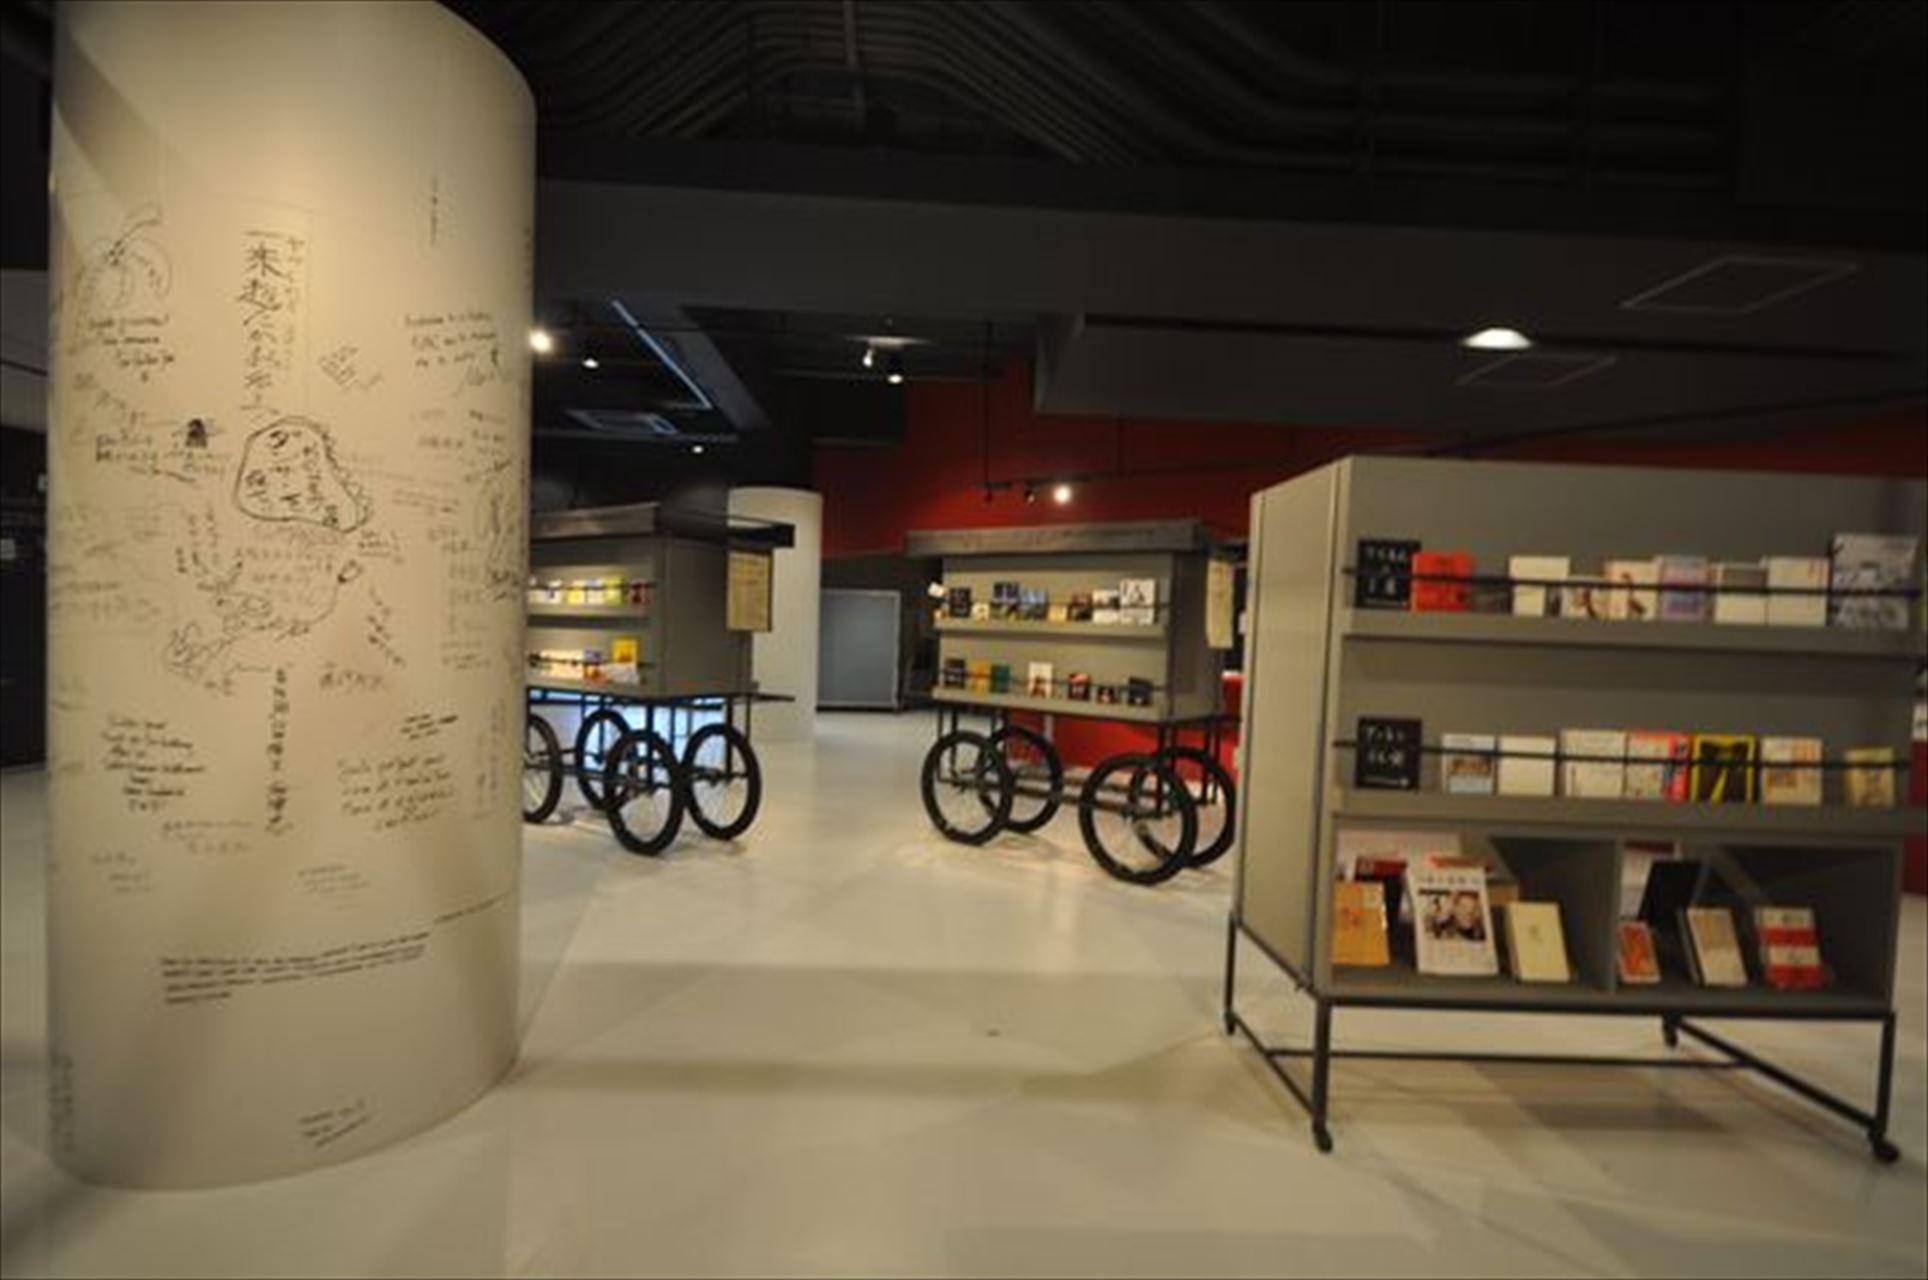 城崎国際アートセンターロビー